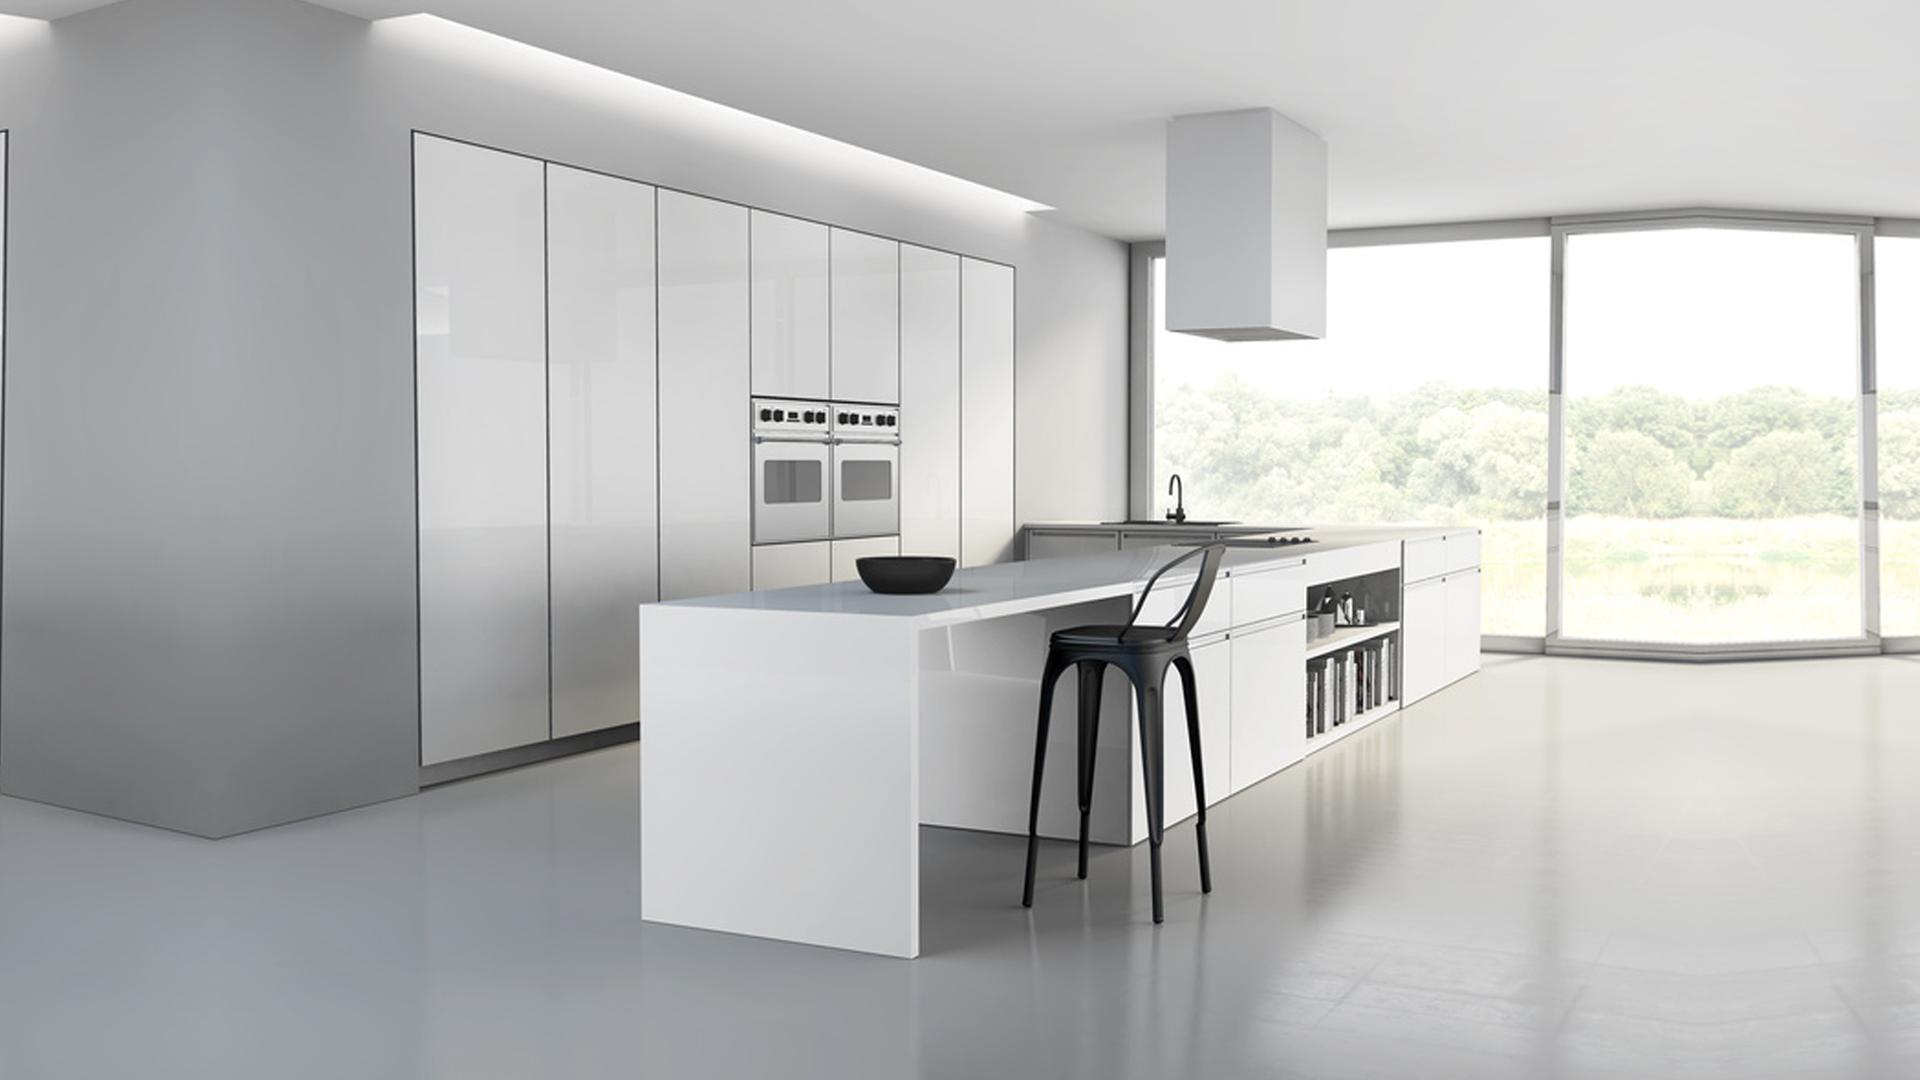 Projektowanie kuchni online wady i zalety Projektant kuchni dlaczego warto?   -> Nowoczesne Kuchnie Wloskie Aranżacje